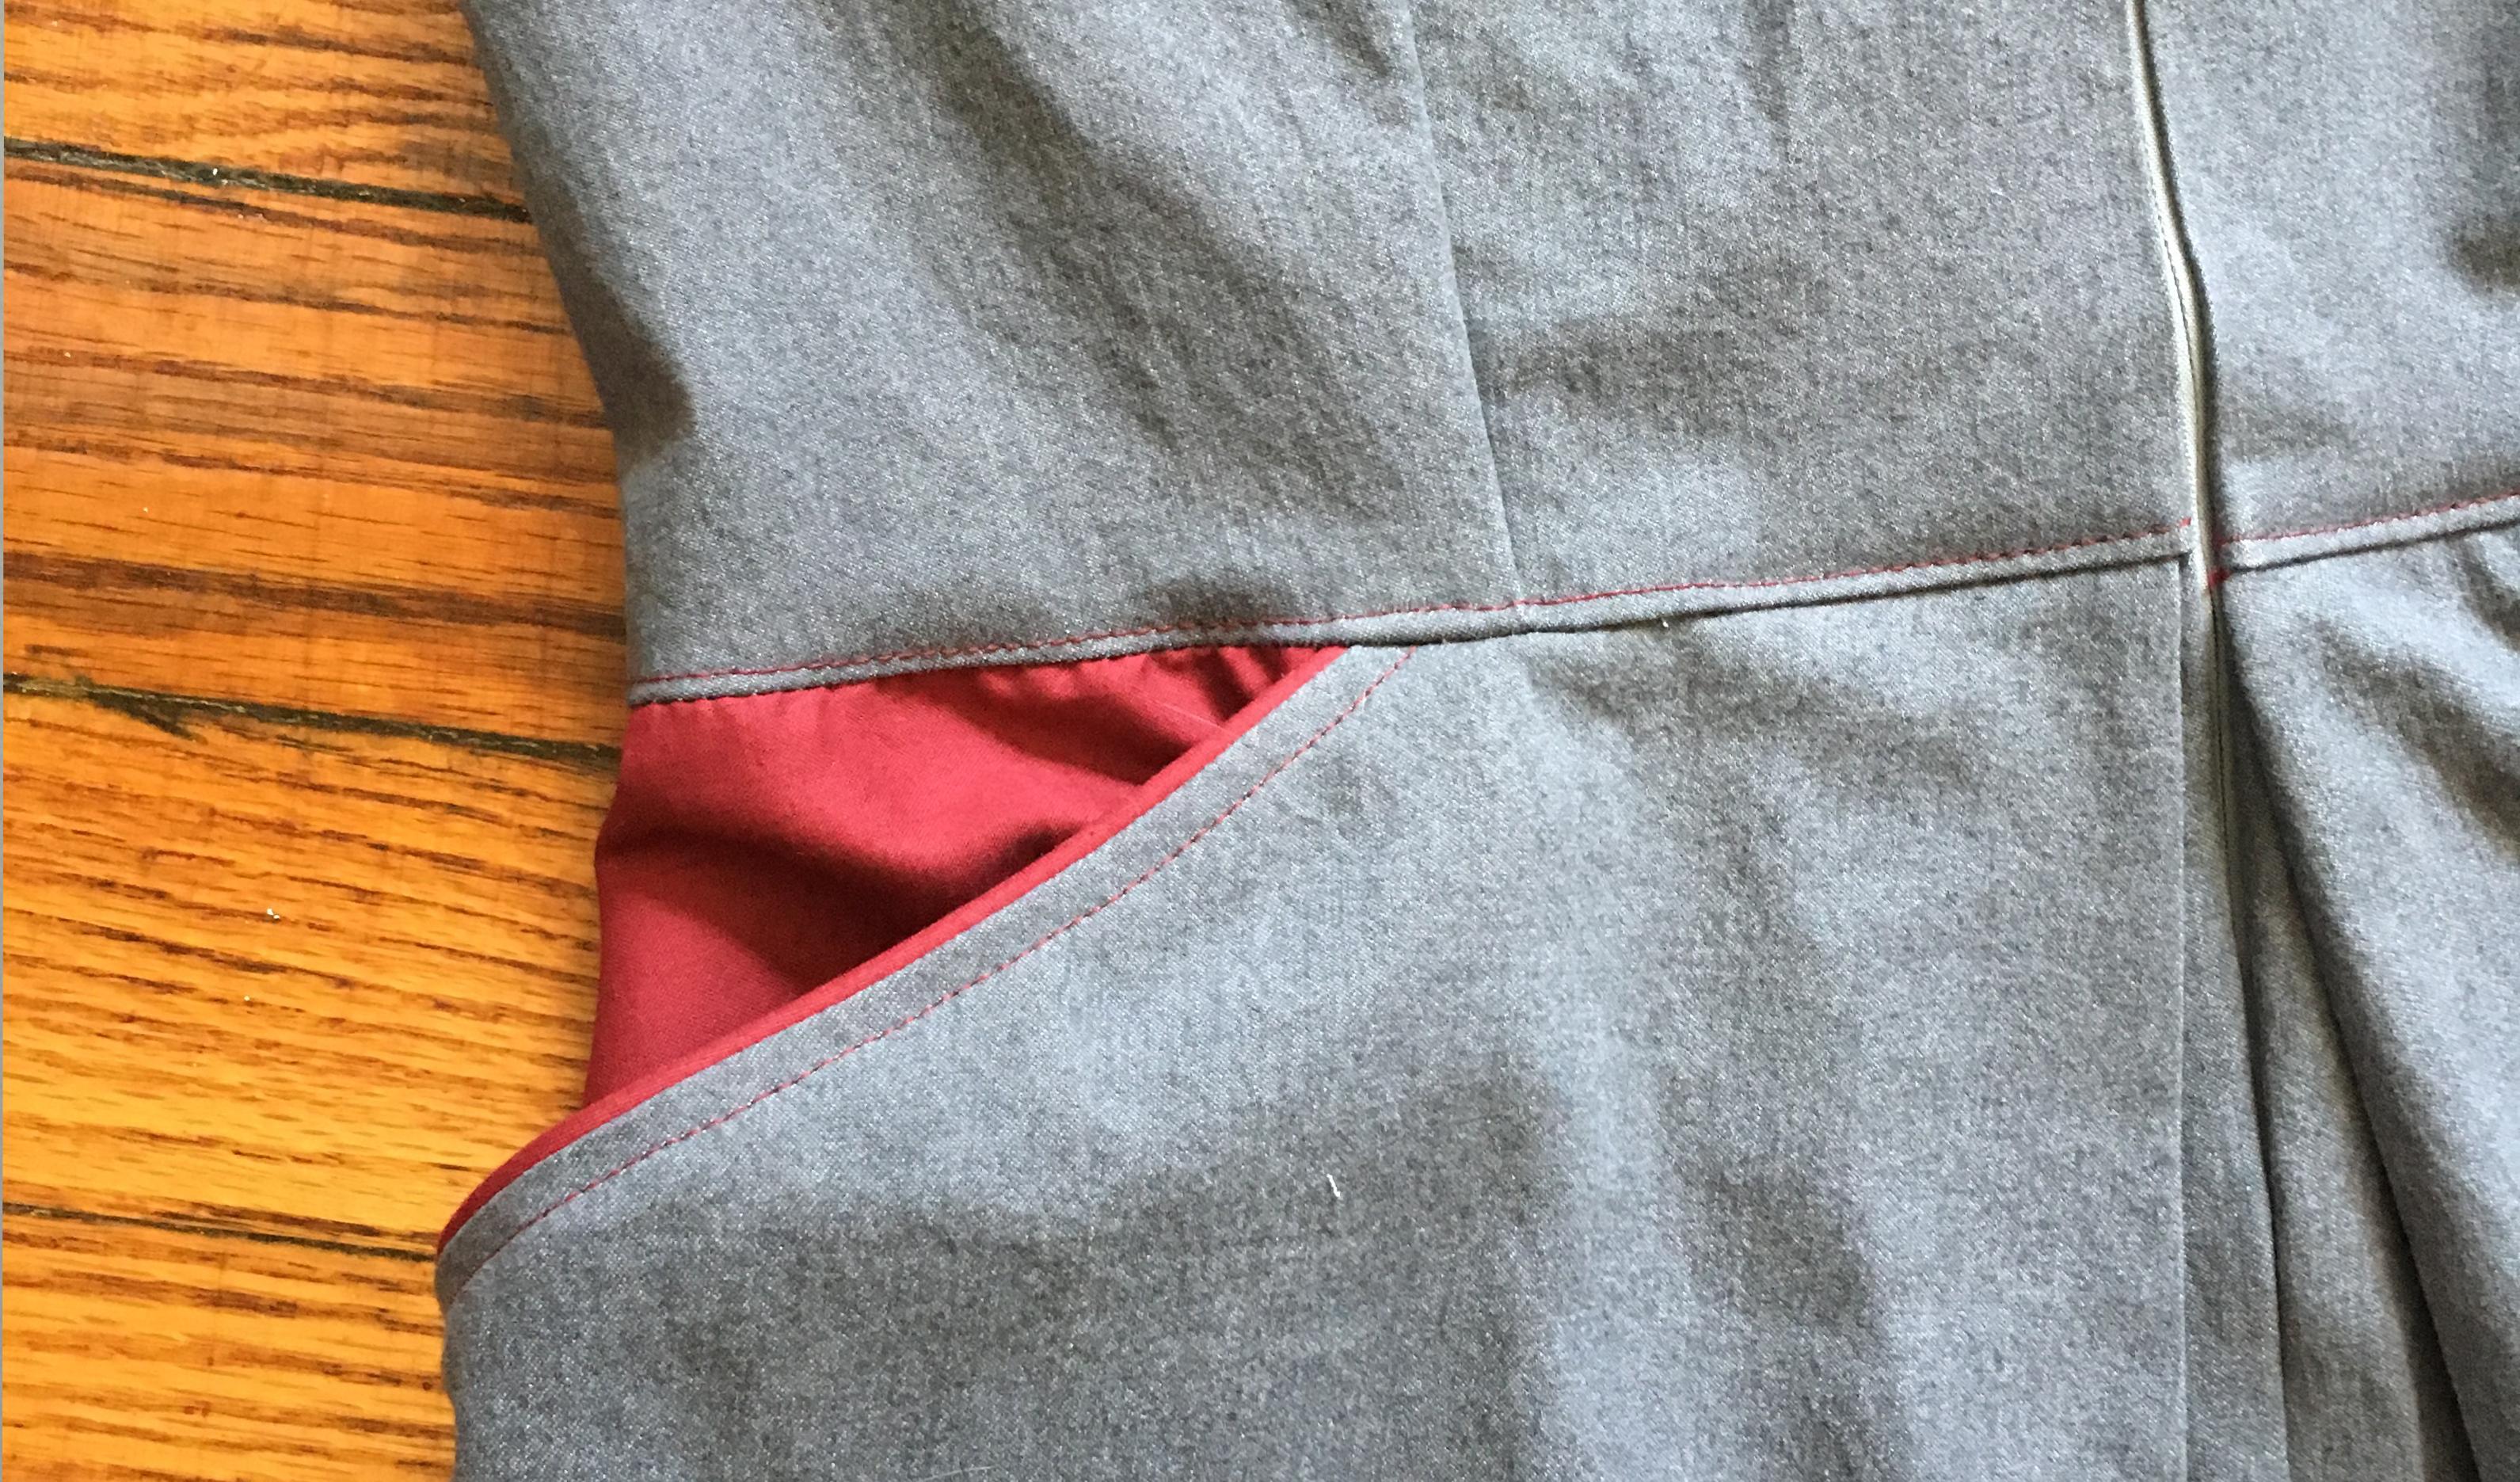 détail de la poche